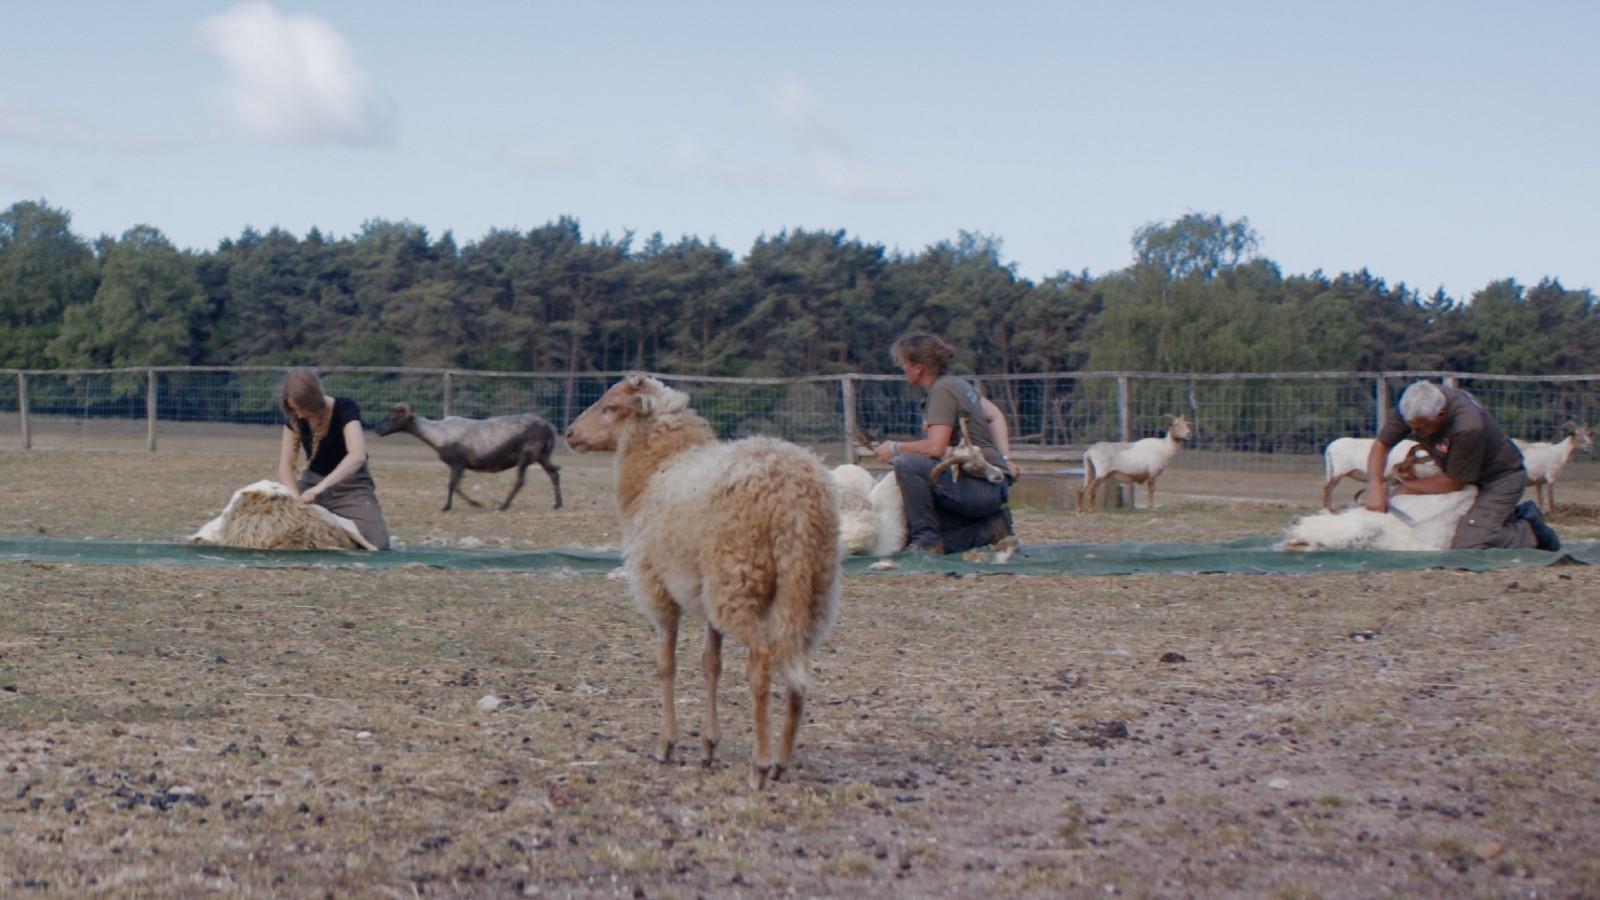 Na 29 jaar geen Goois schaapscheerfeest, maar schapen scheren op afstand